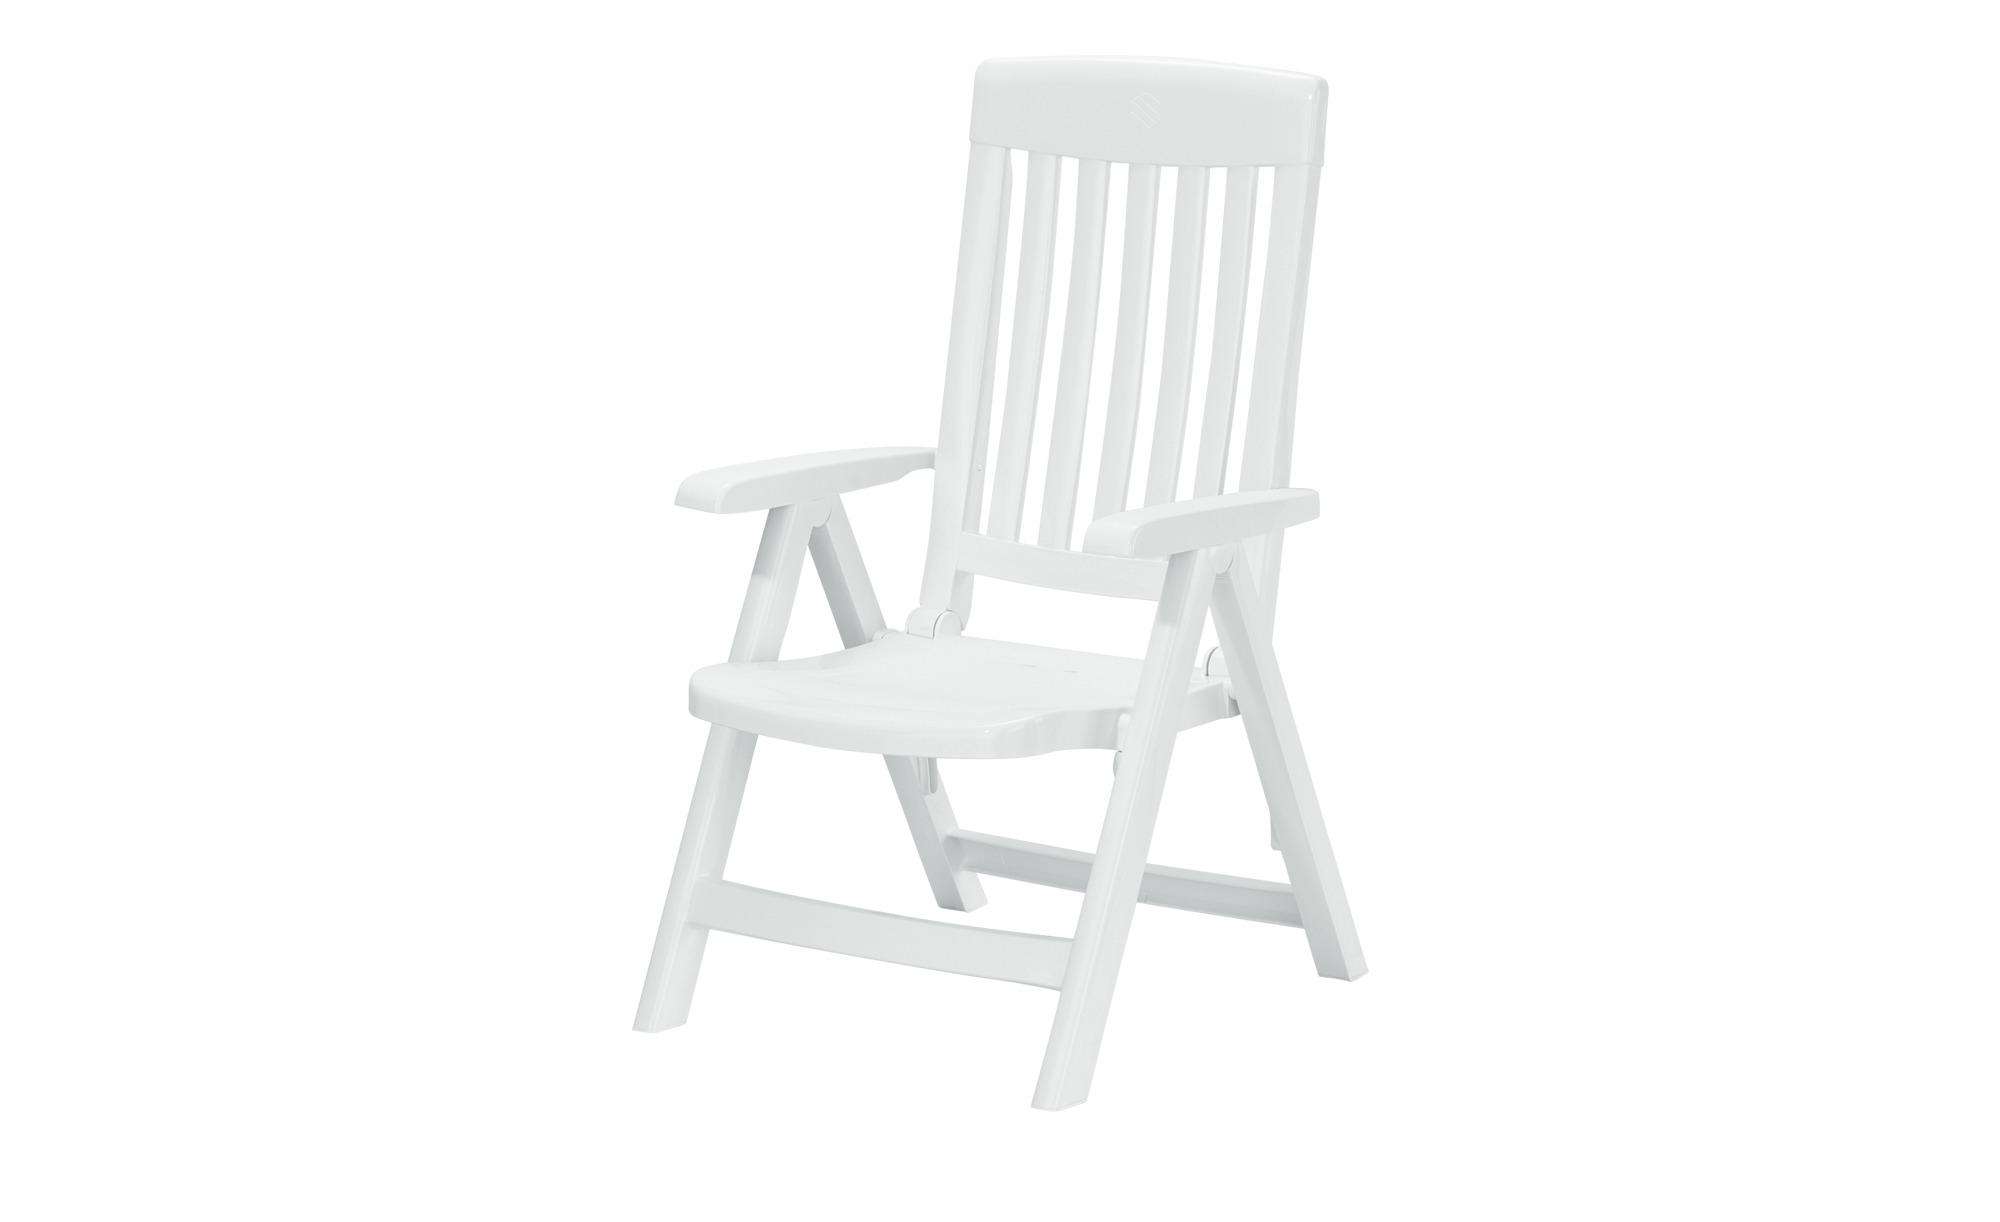 Sieger Garten Klappsessel Palma Weiß Bei Möbel Kraft Online Kaufen